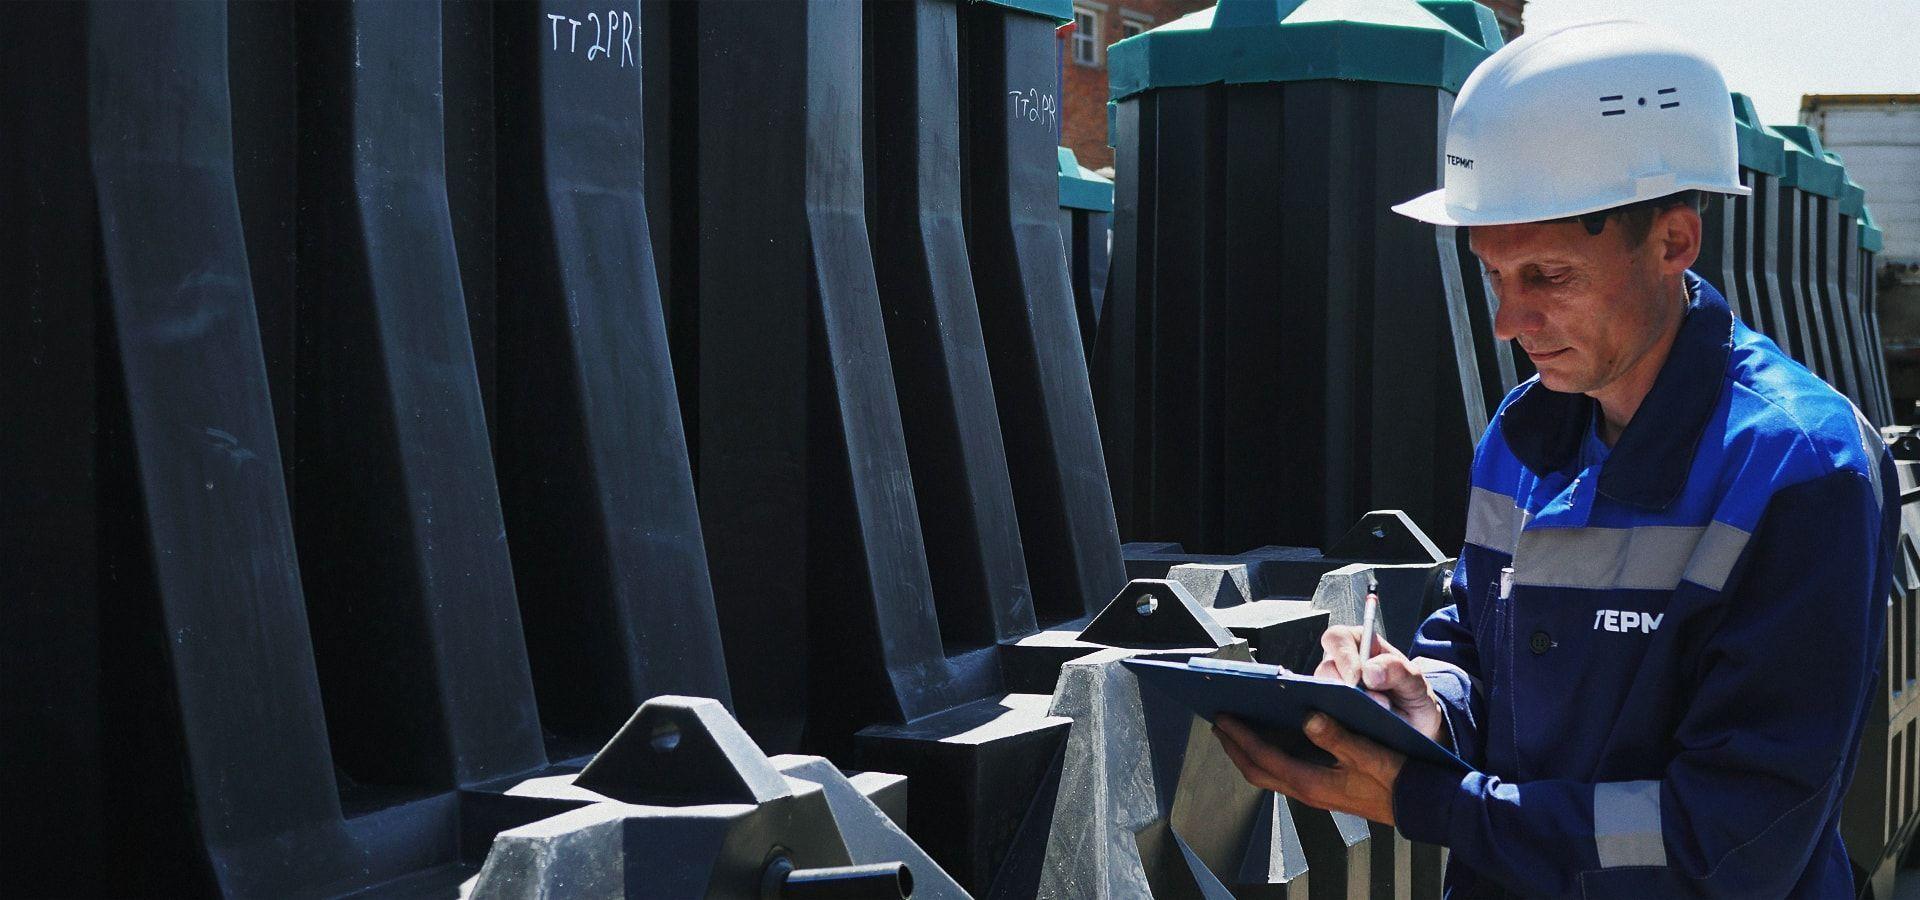 Септики Термит - фото производства